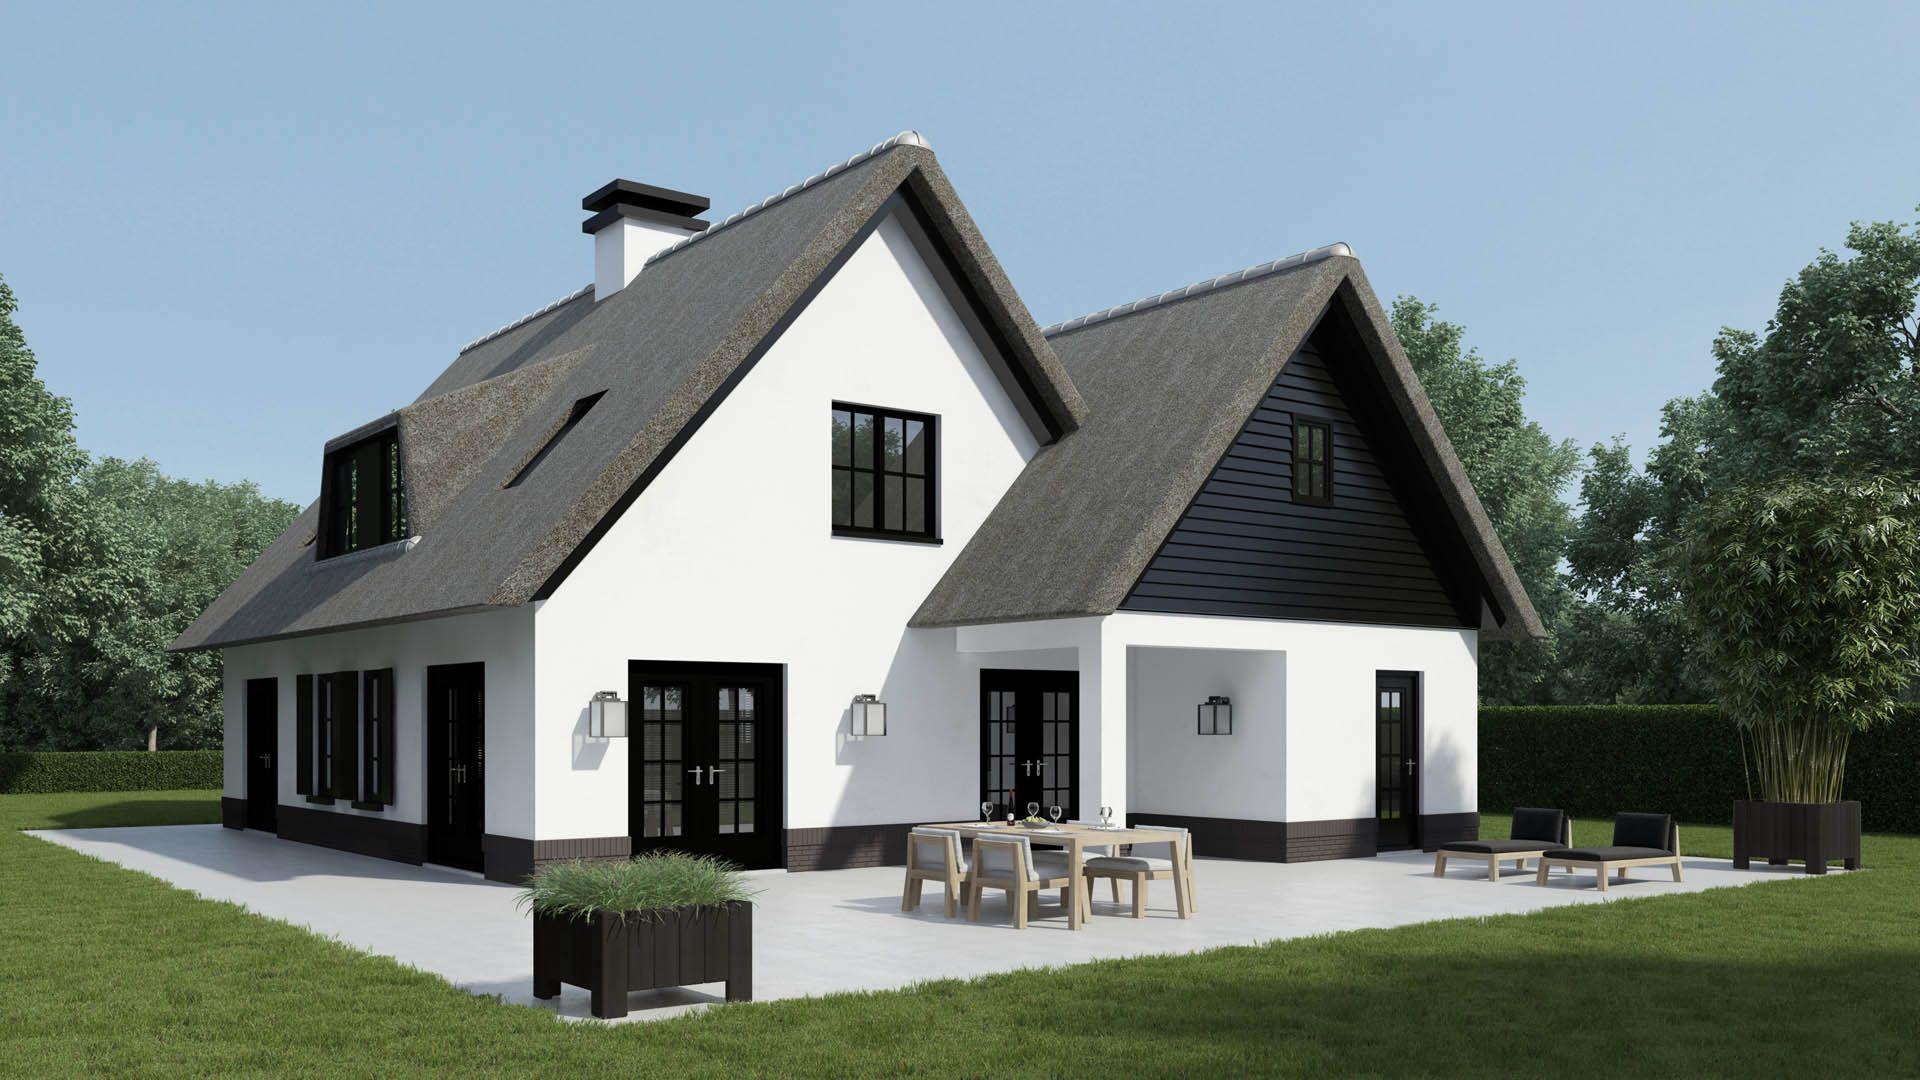 Huizen ontwerp bertram beerbaum kabaz landelijke huizen pinterest house architecture - Huis modern kubus ...